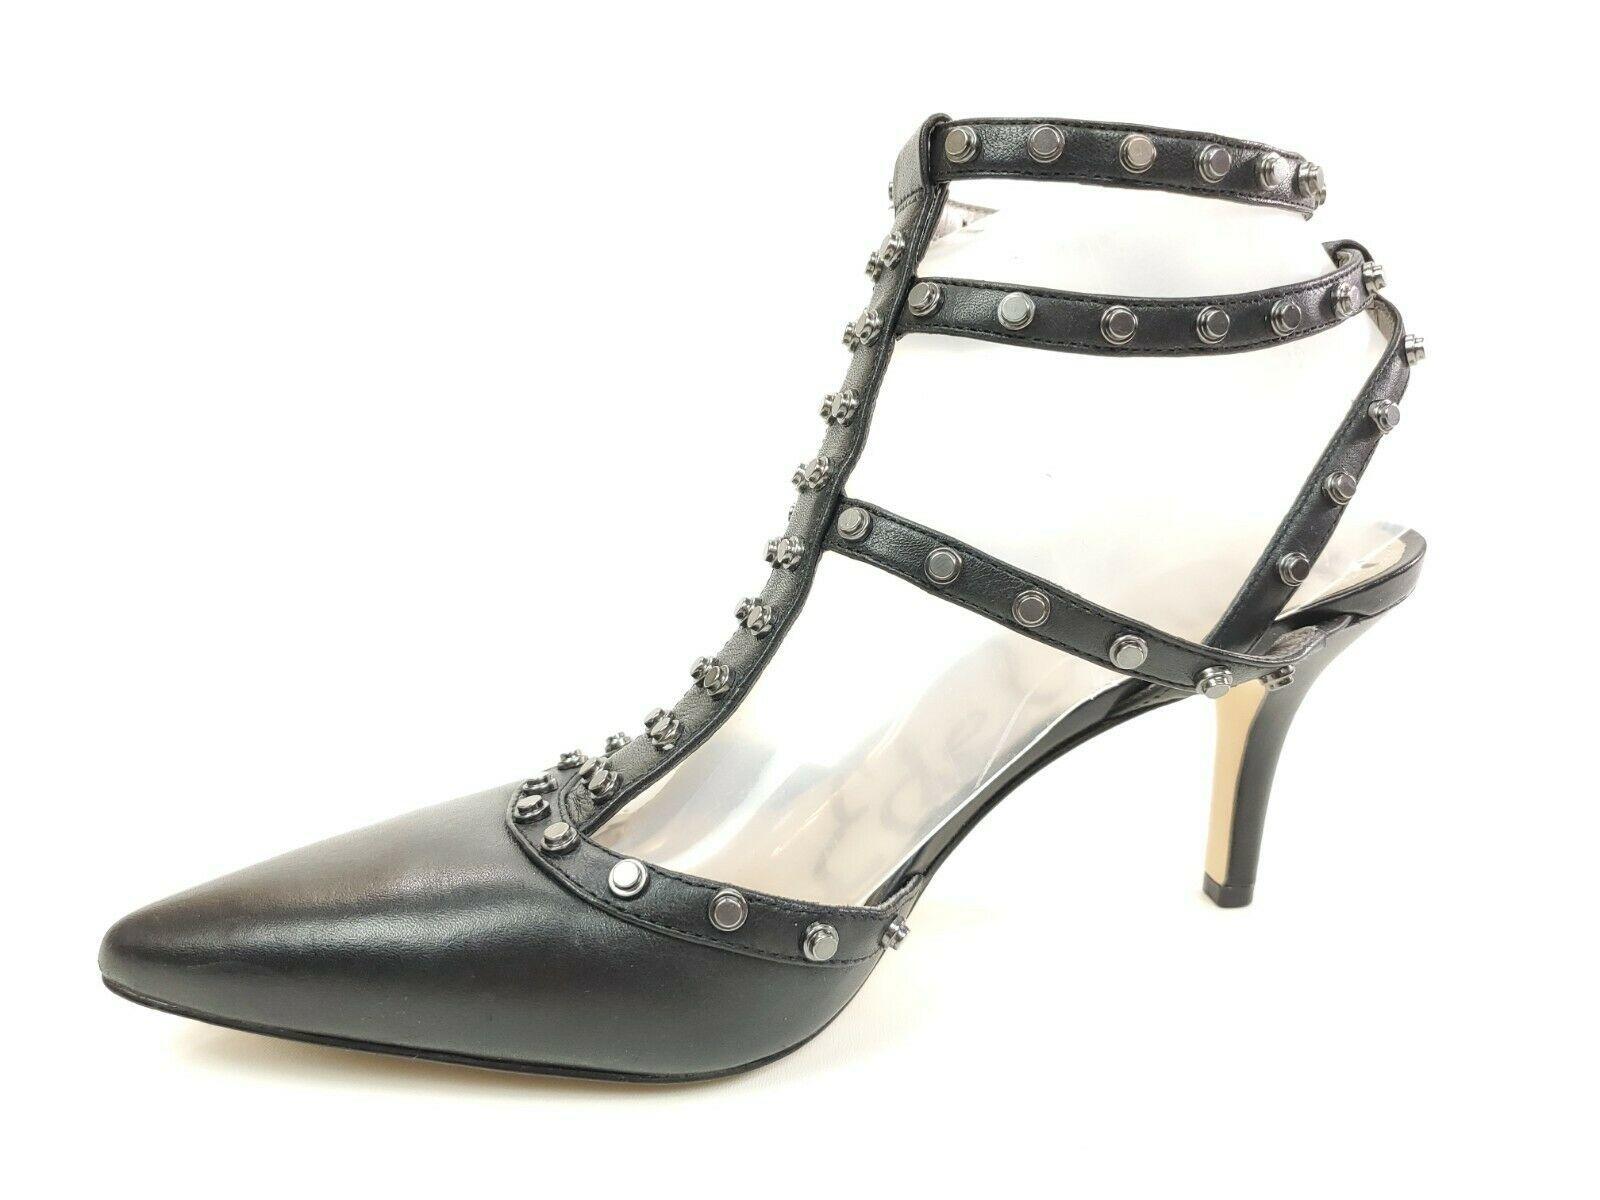 Sam Edelman Black Studded Rivet Detail Gladiator Strap Heels Pumps Size 8.5 - $49.95